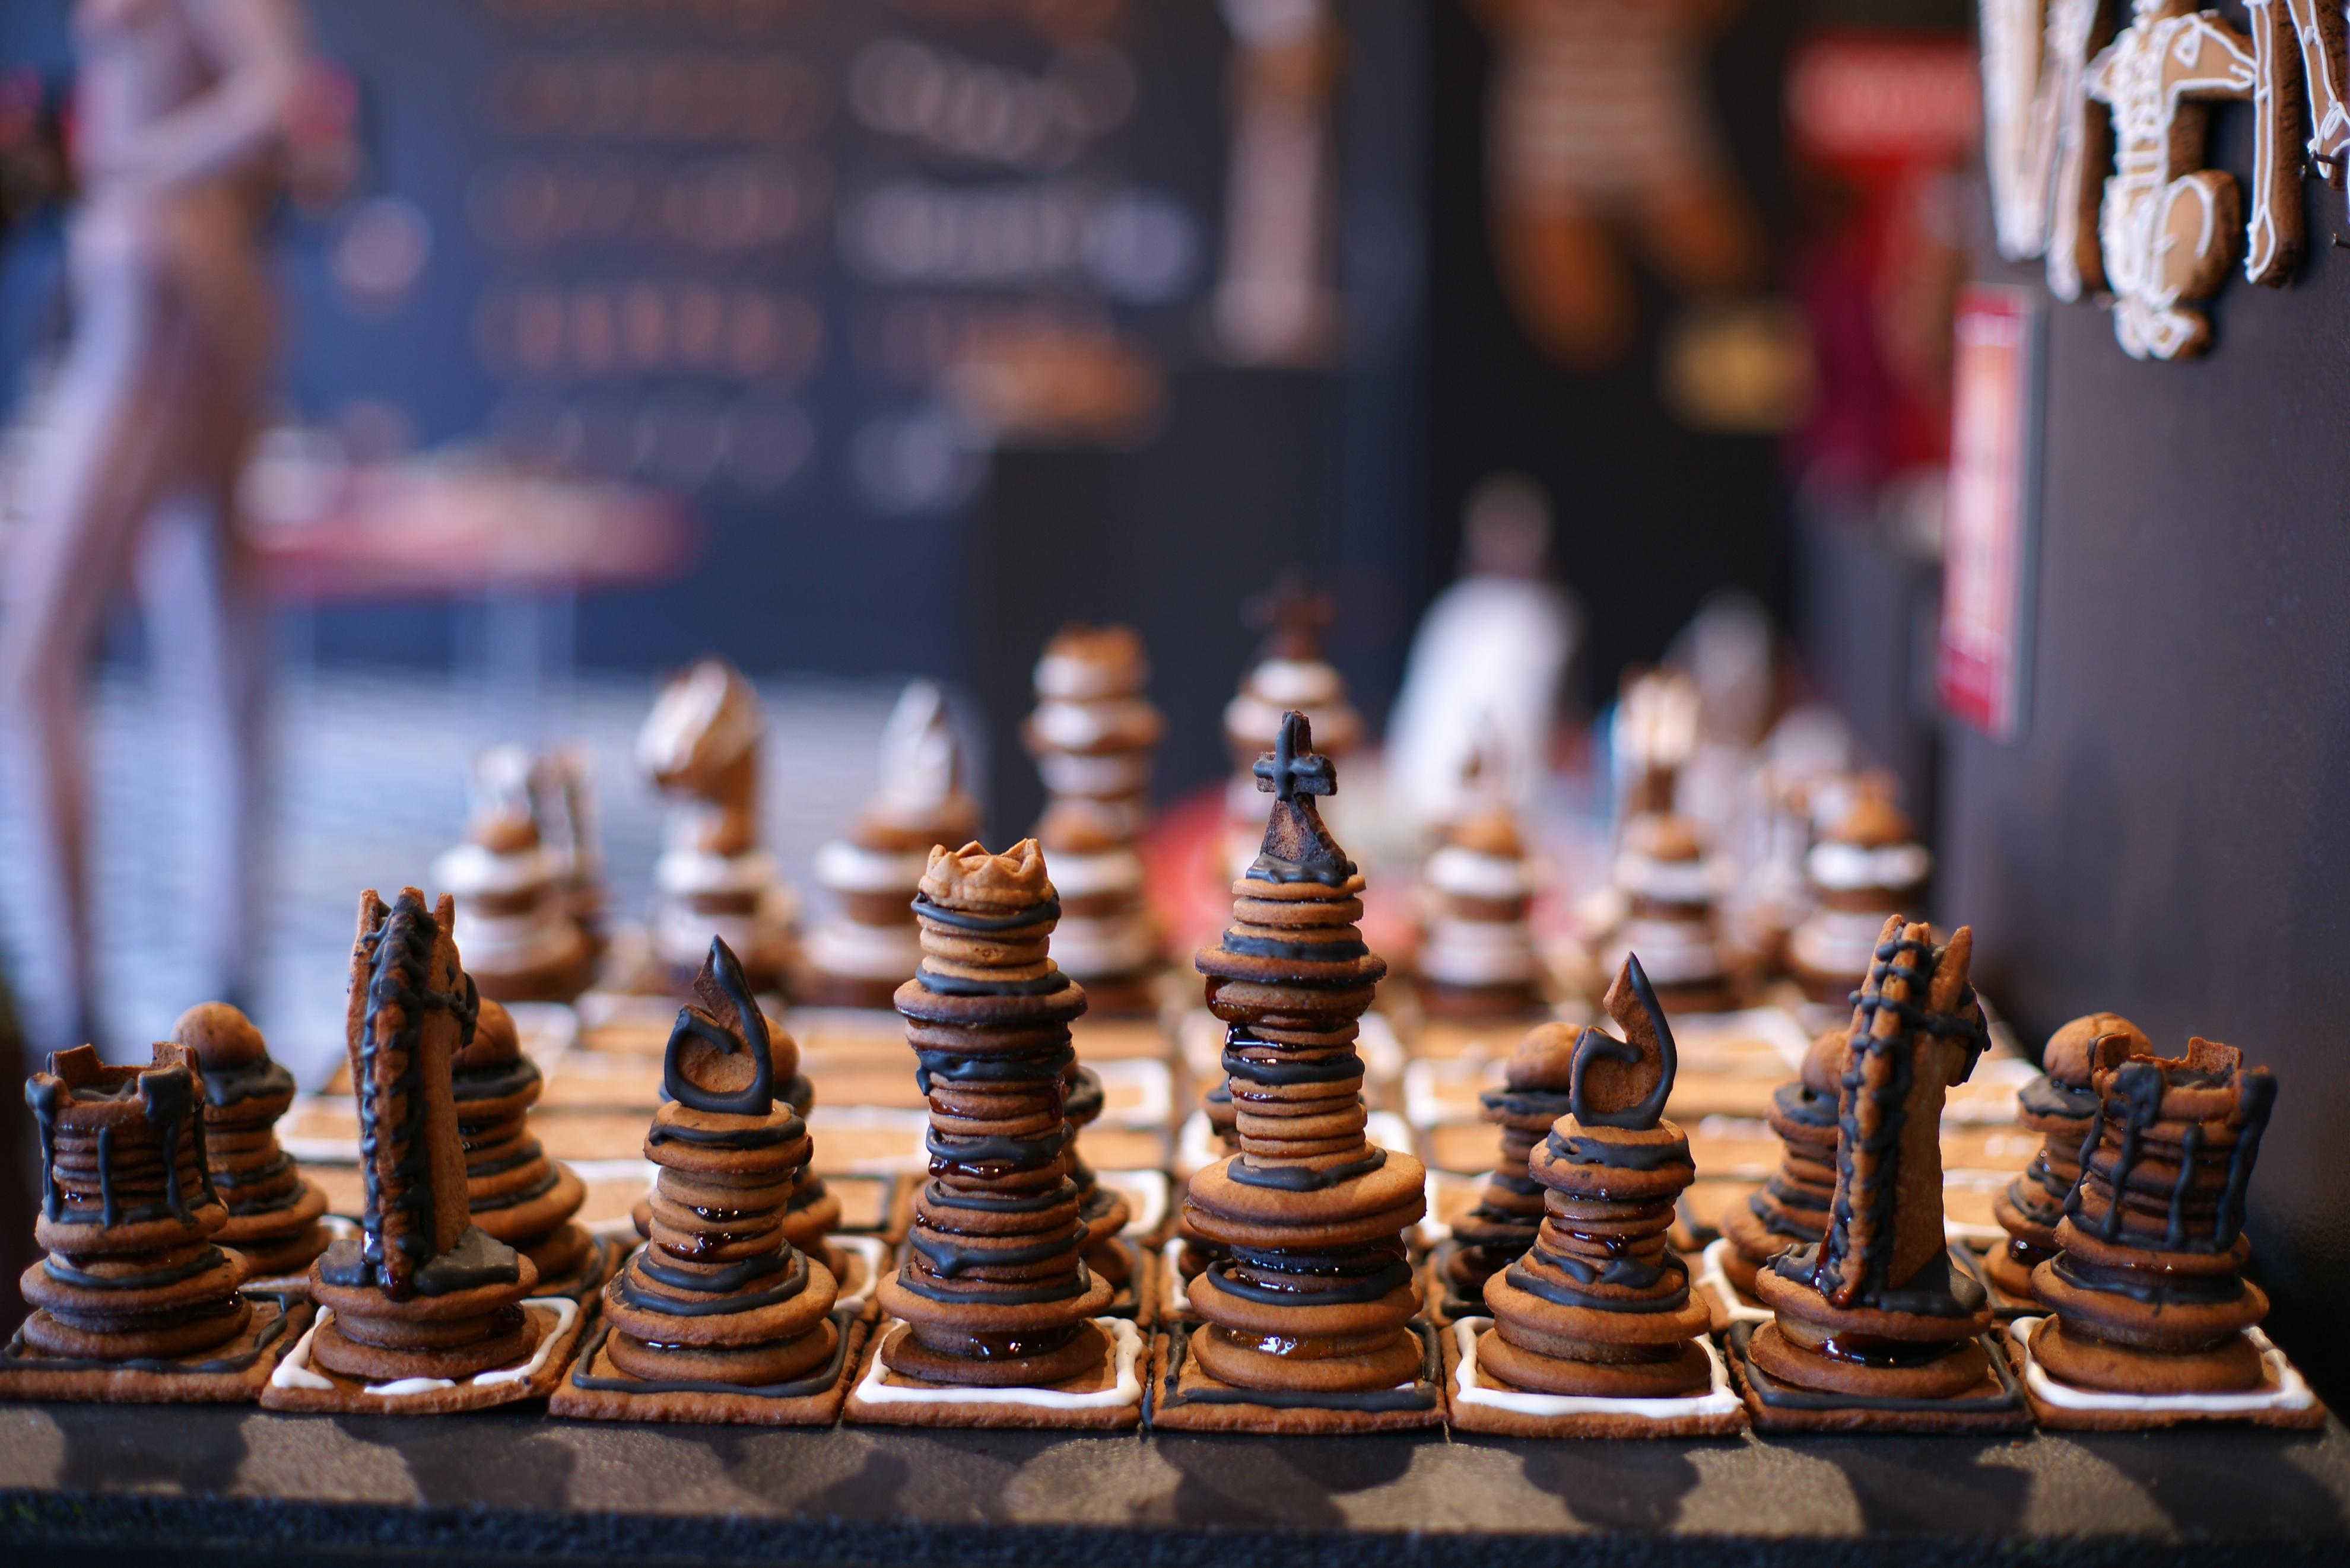 Секс богів і Порошенко-офіцер: ТОП-10 незвичних шахів - фото 9